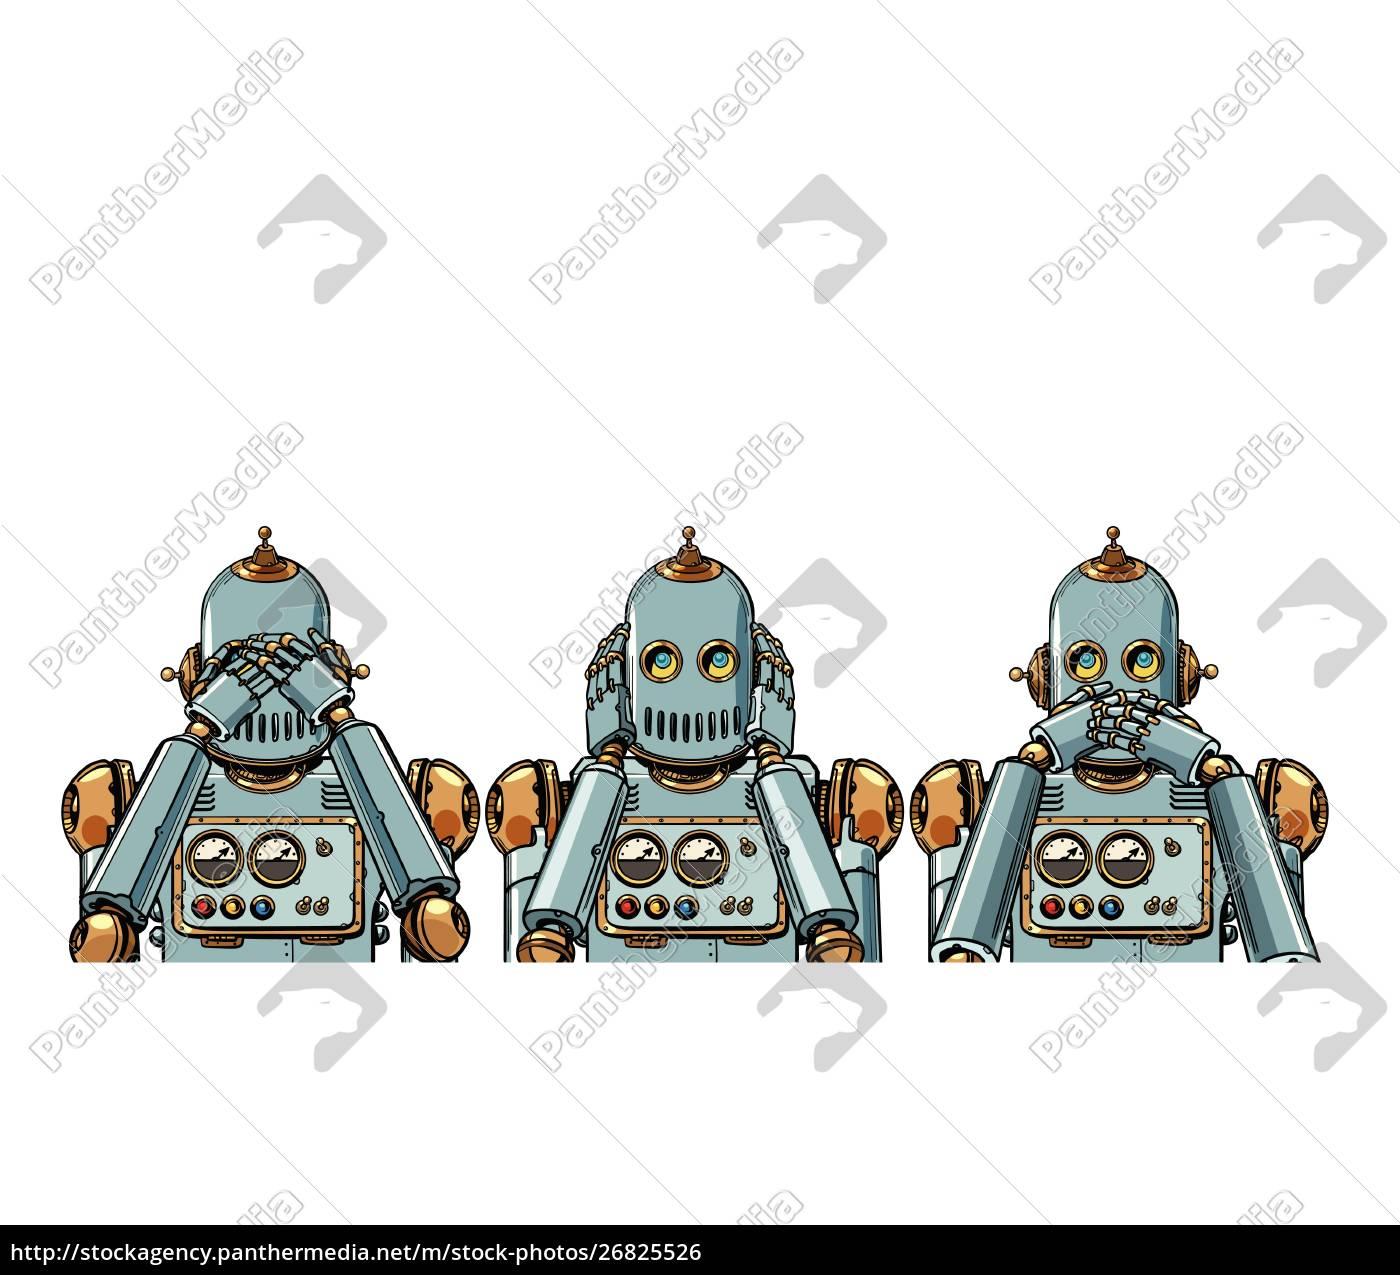 roboter., ich, sehe, nichts, höre, nichts, sage, nichts - 26825526